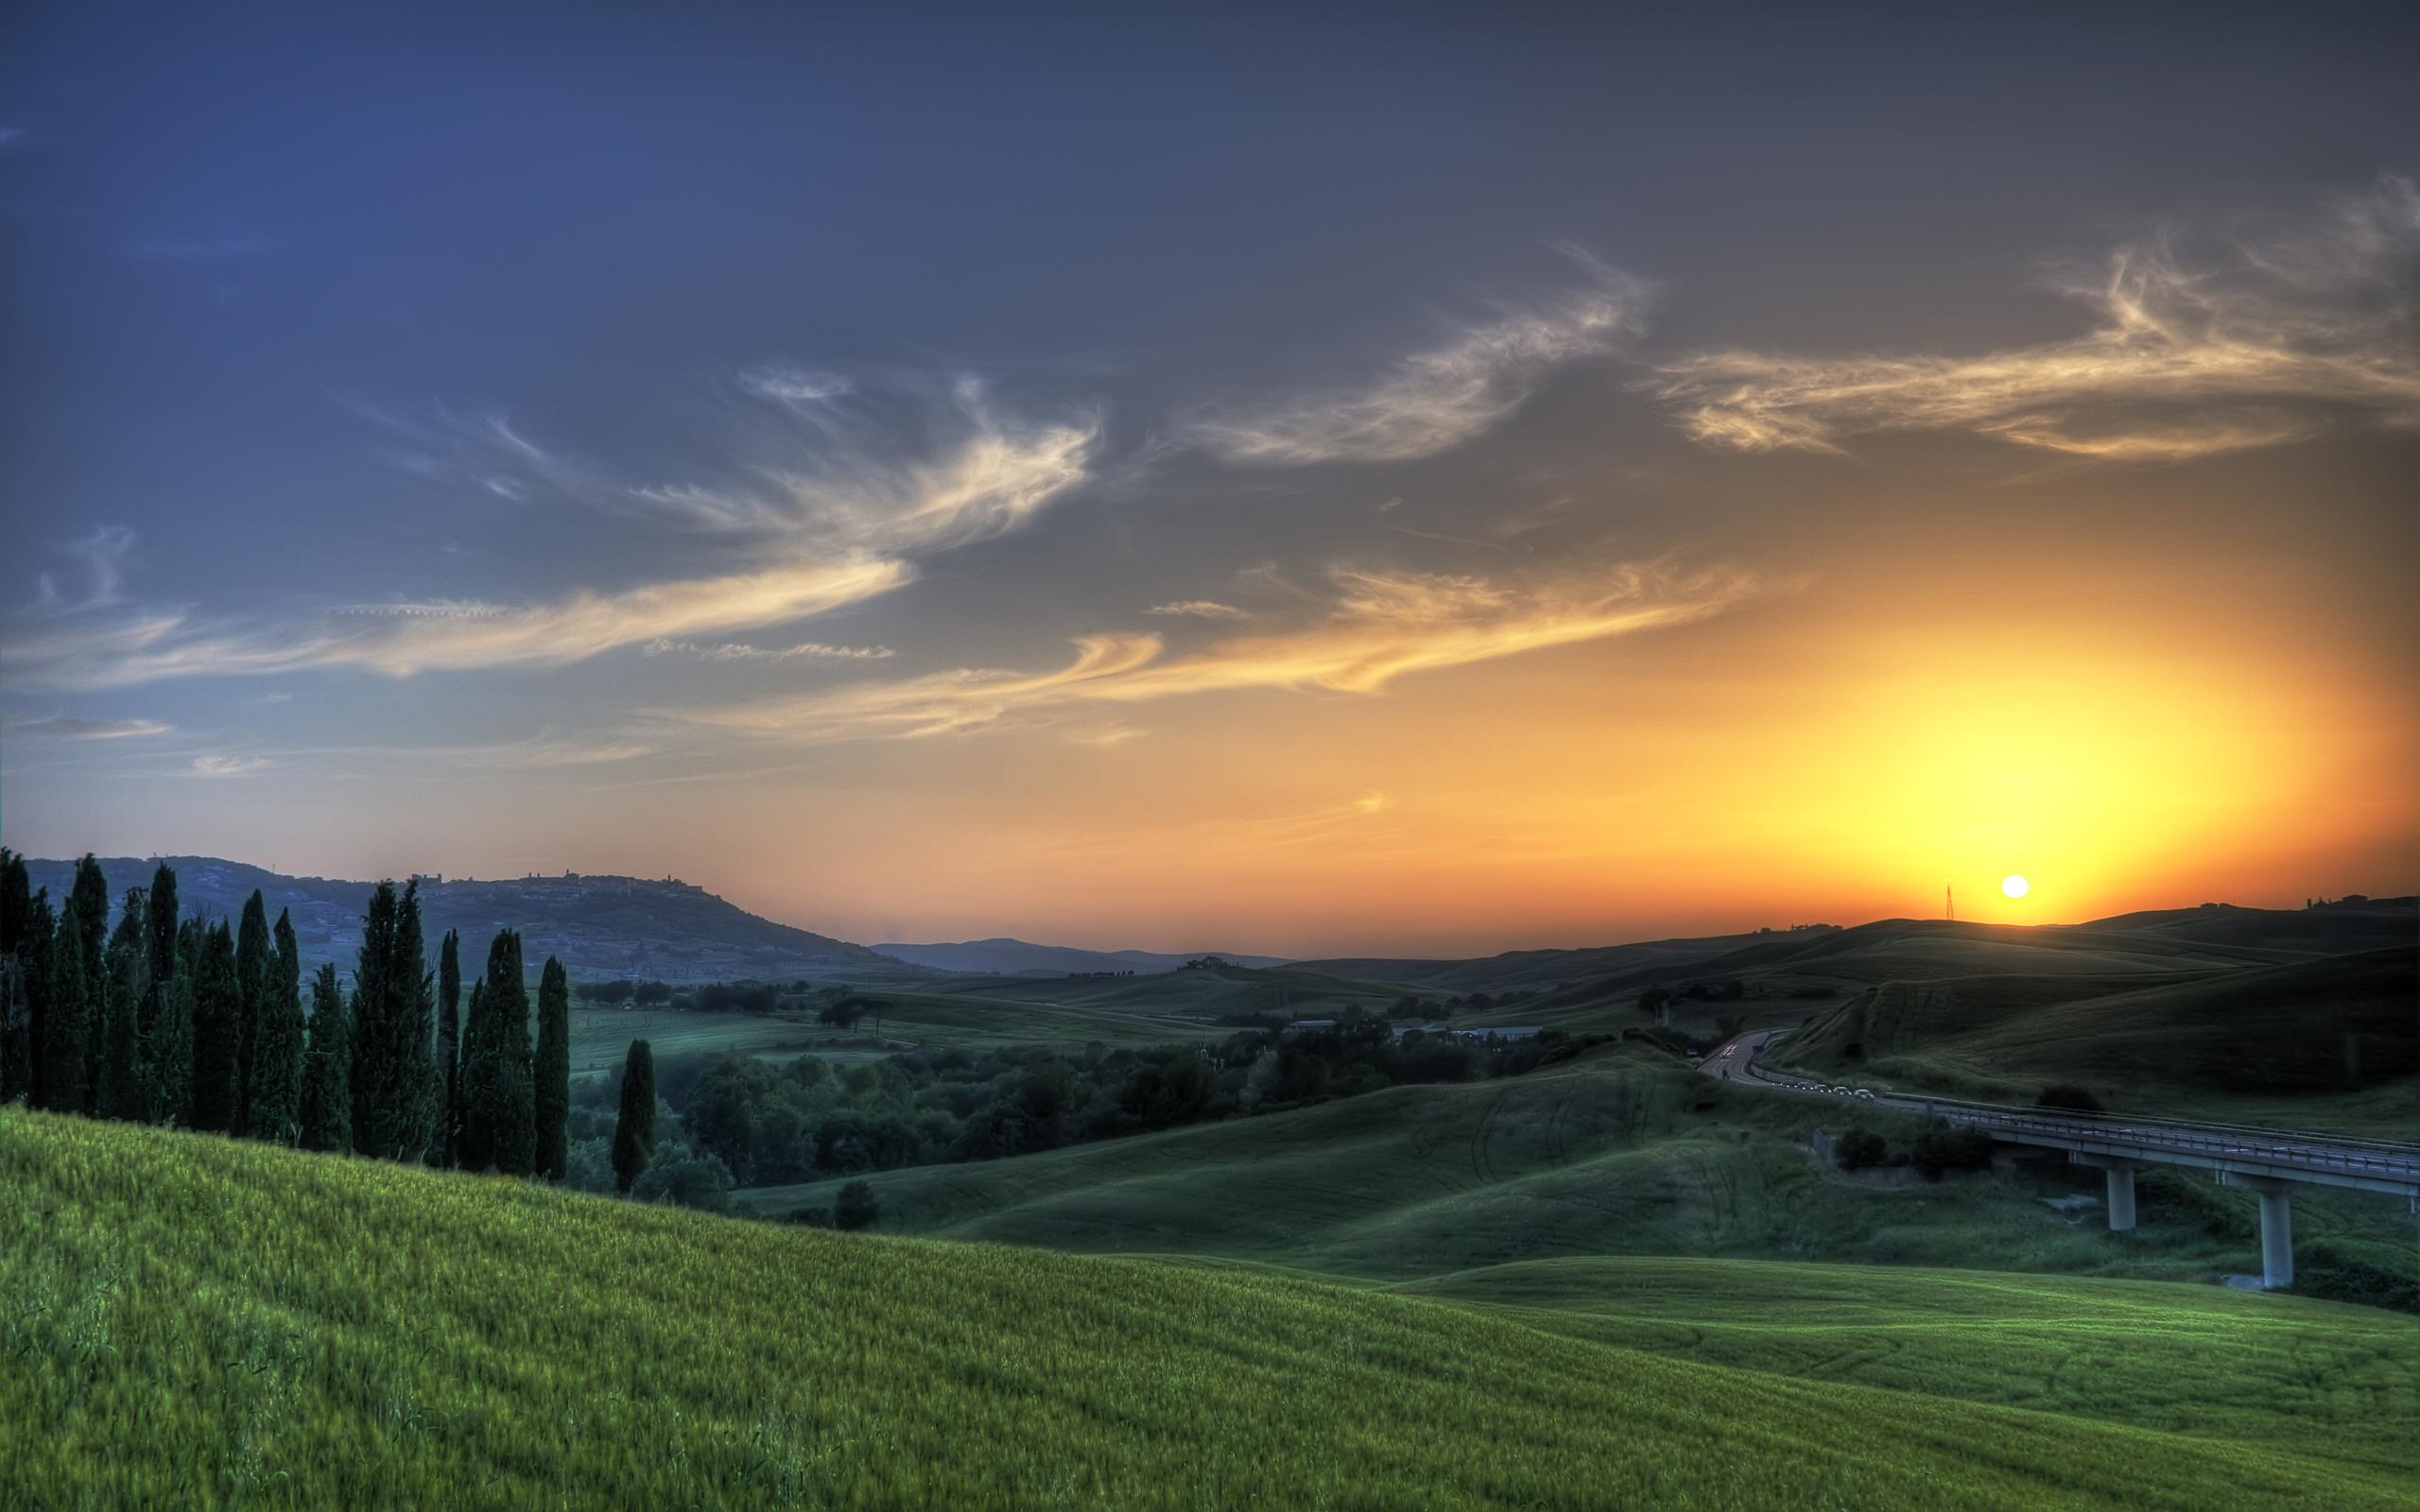 обои поля, зеленые, деревья, холмы картинки фото